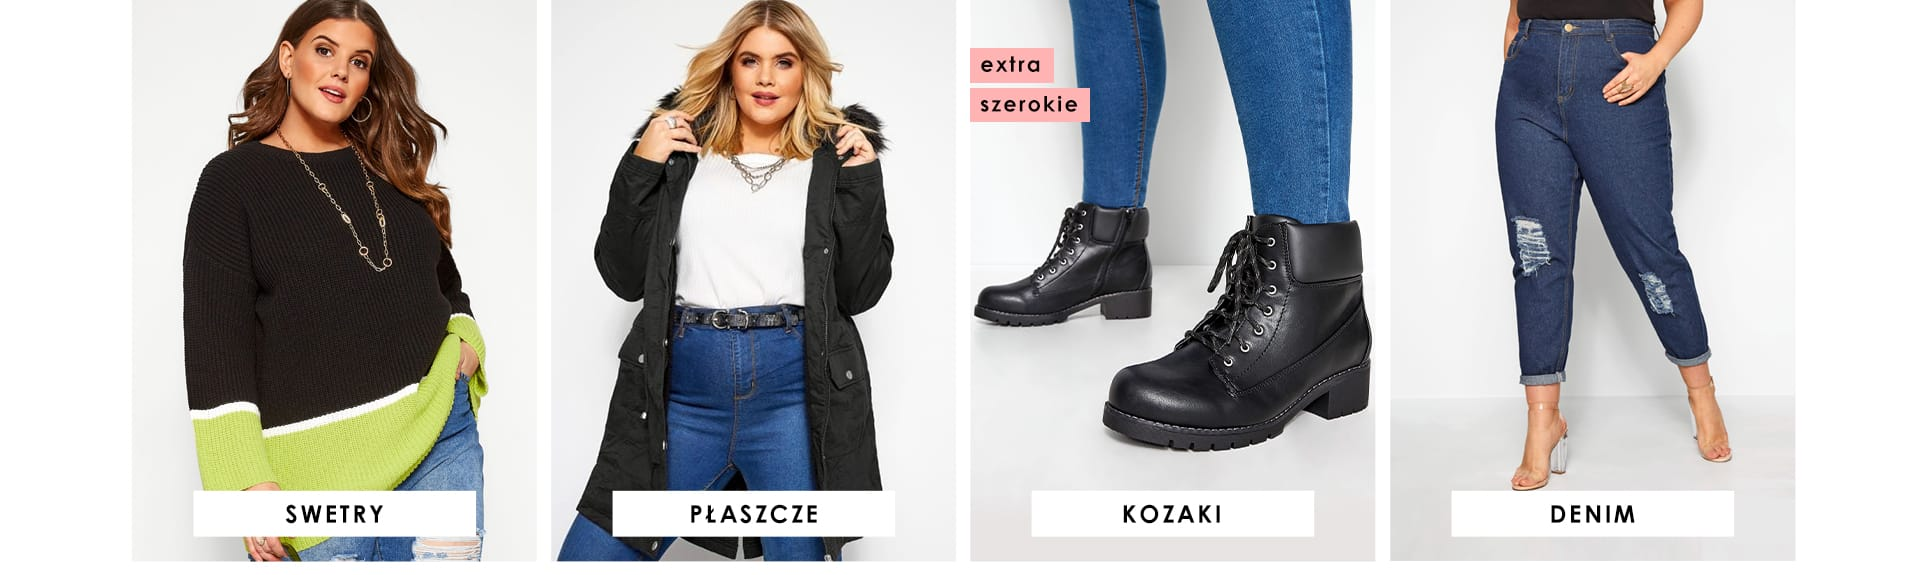 Denim, Knits, Boots, Coats